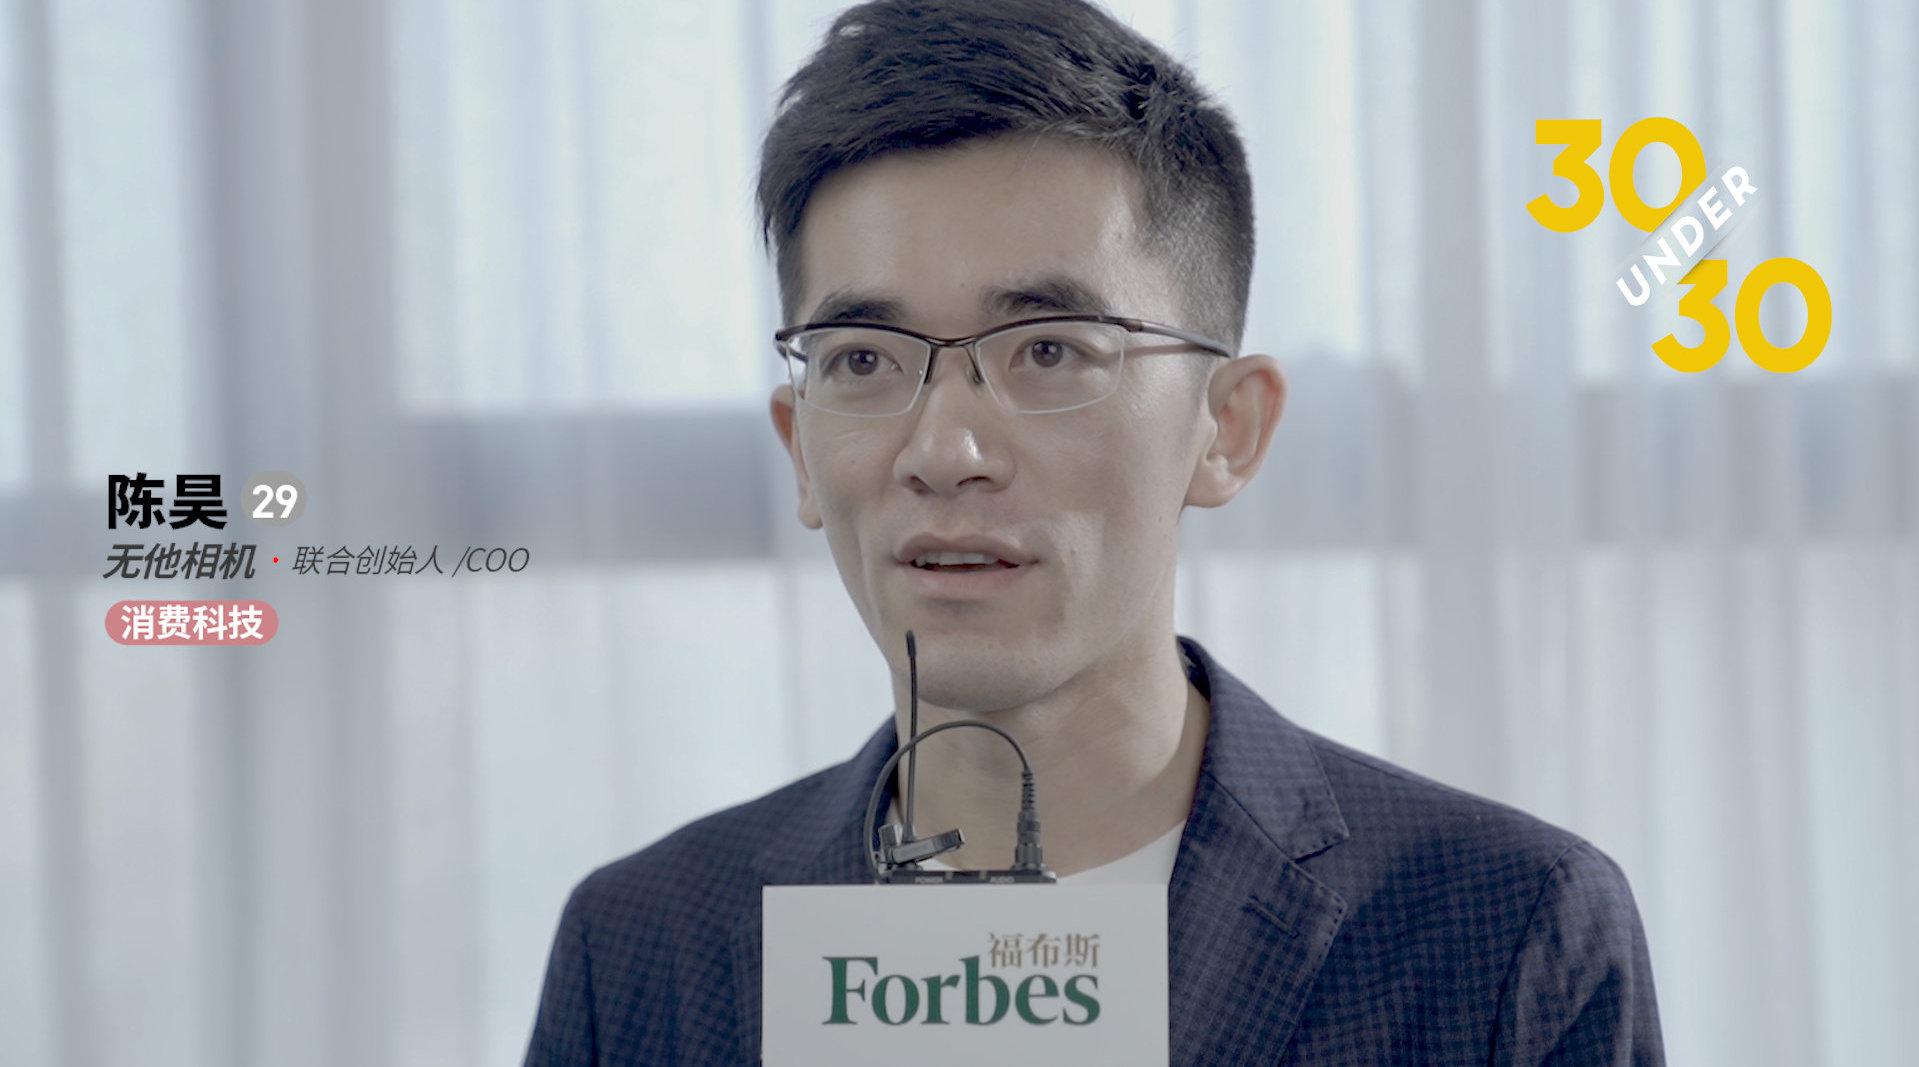 """""""爆款制造者""""无他相机陈昊丨U30消费科技陈昊是无他相机联合创始人"""